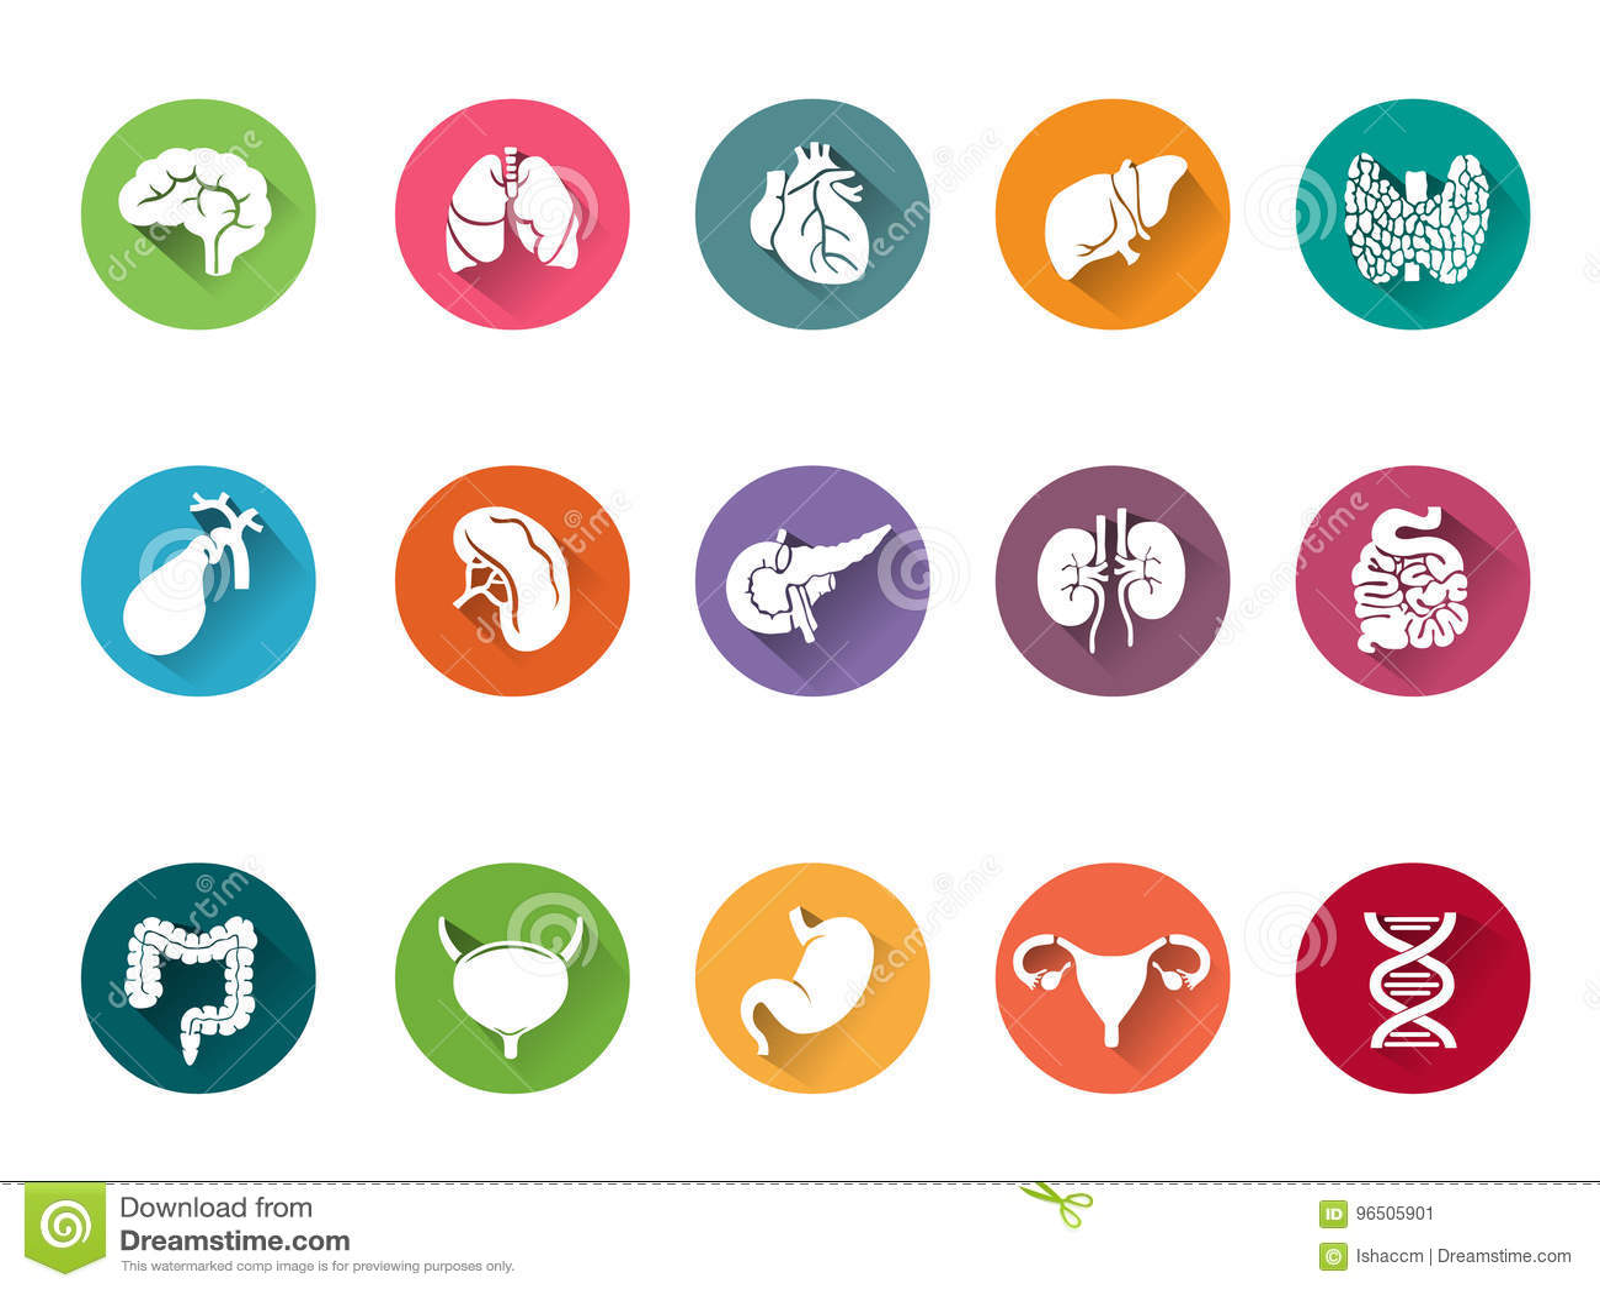 Διανυσματικό σύνολο εικονιδίων ανθρώπινων εσωτερικών οργάνων